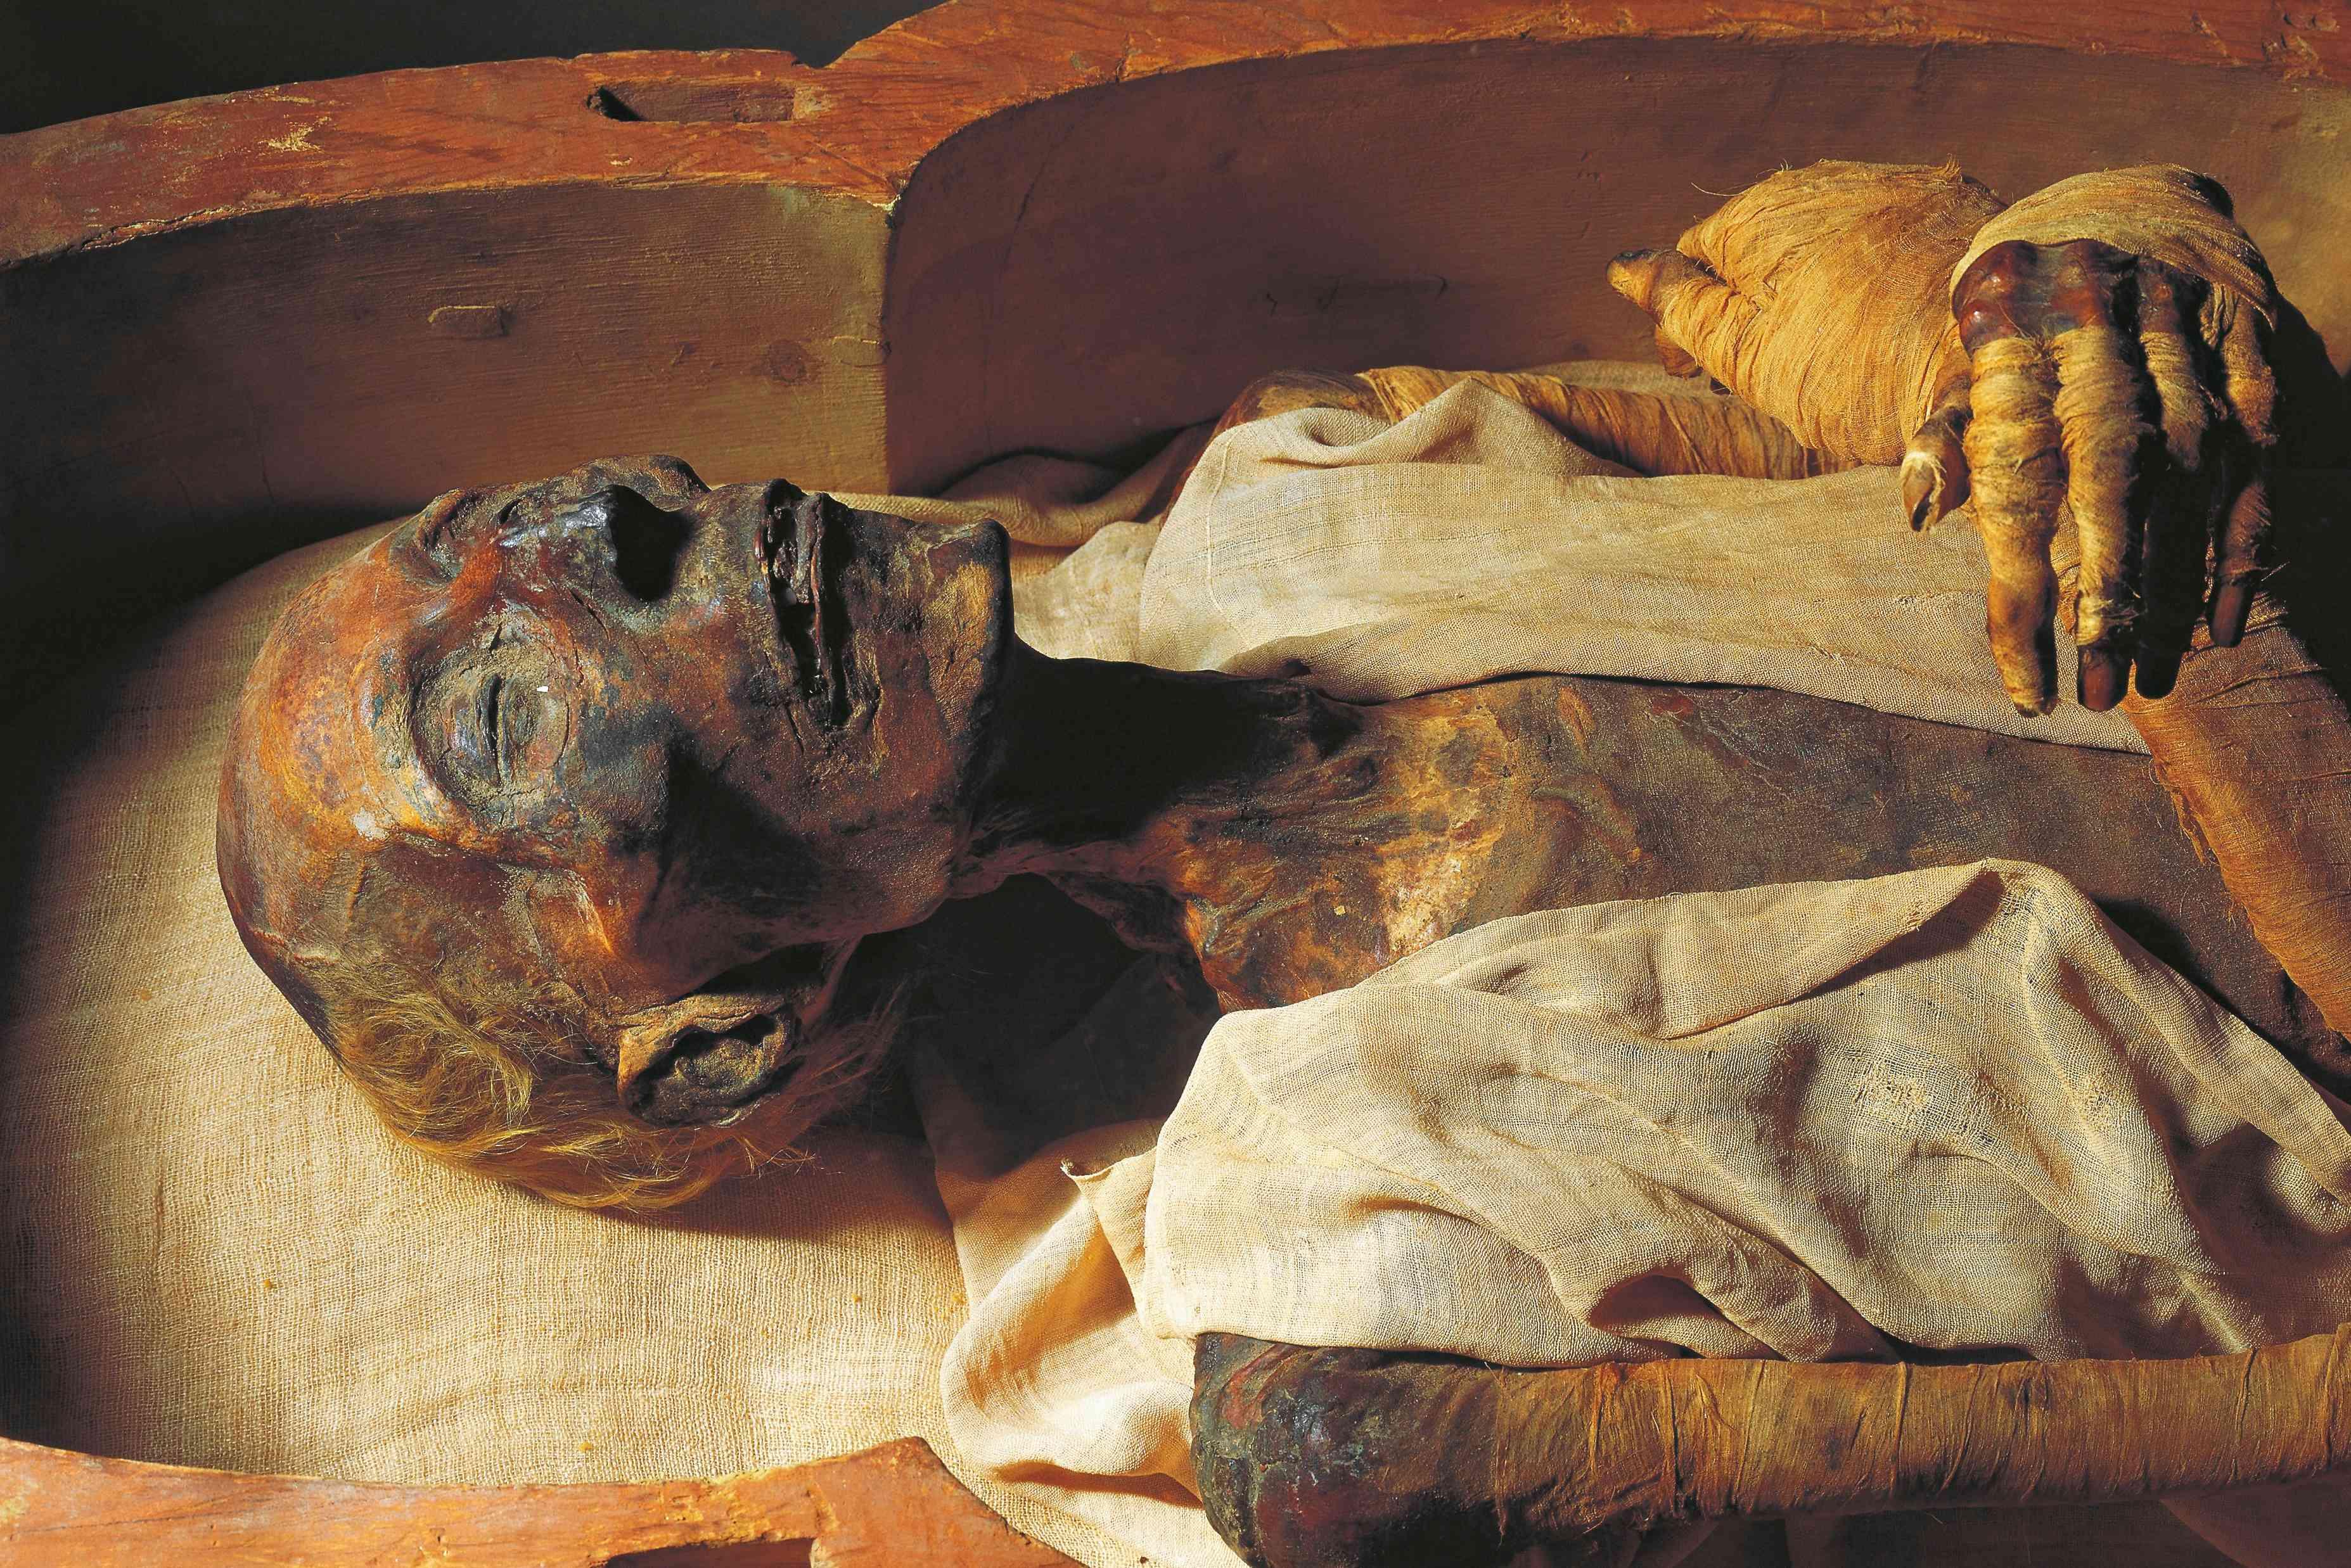 Mummy of Ramses II